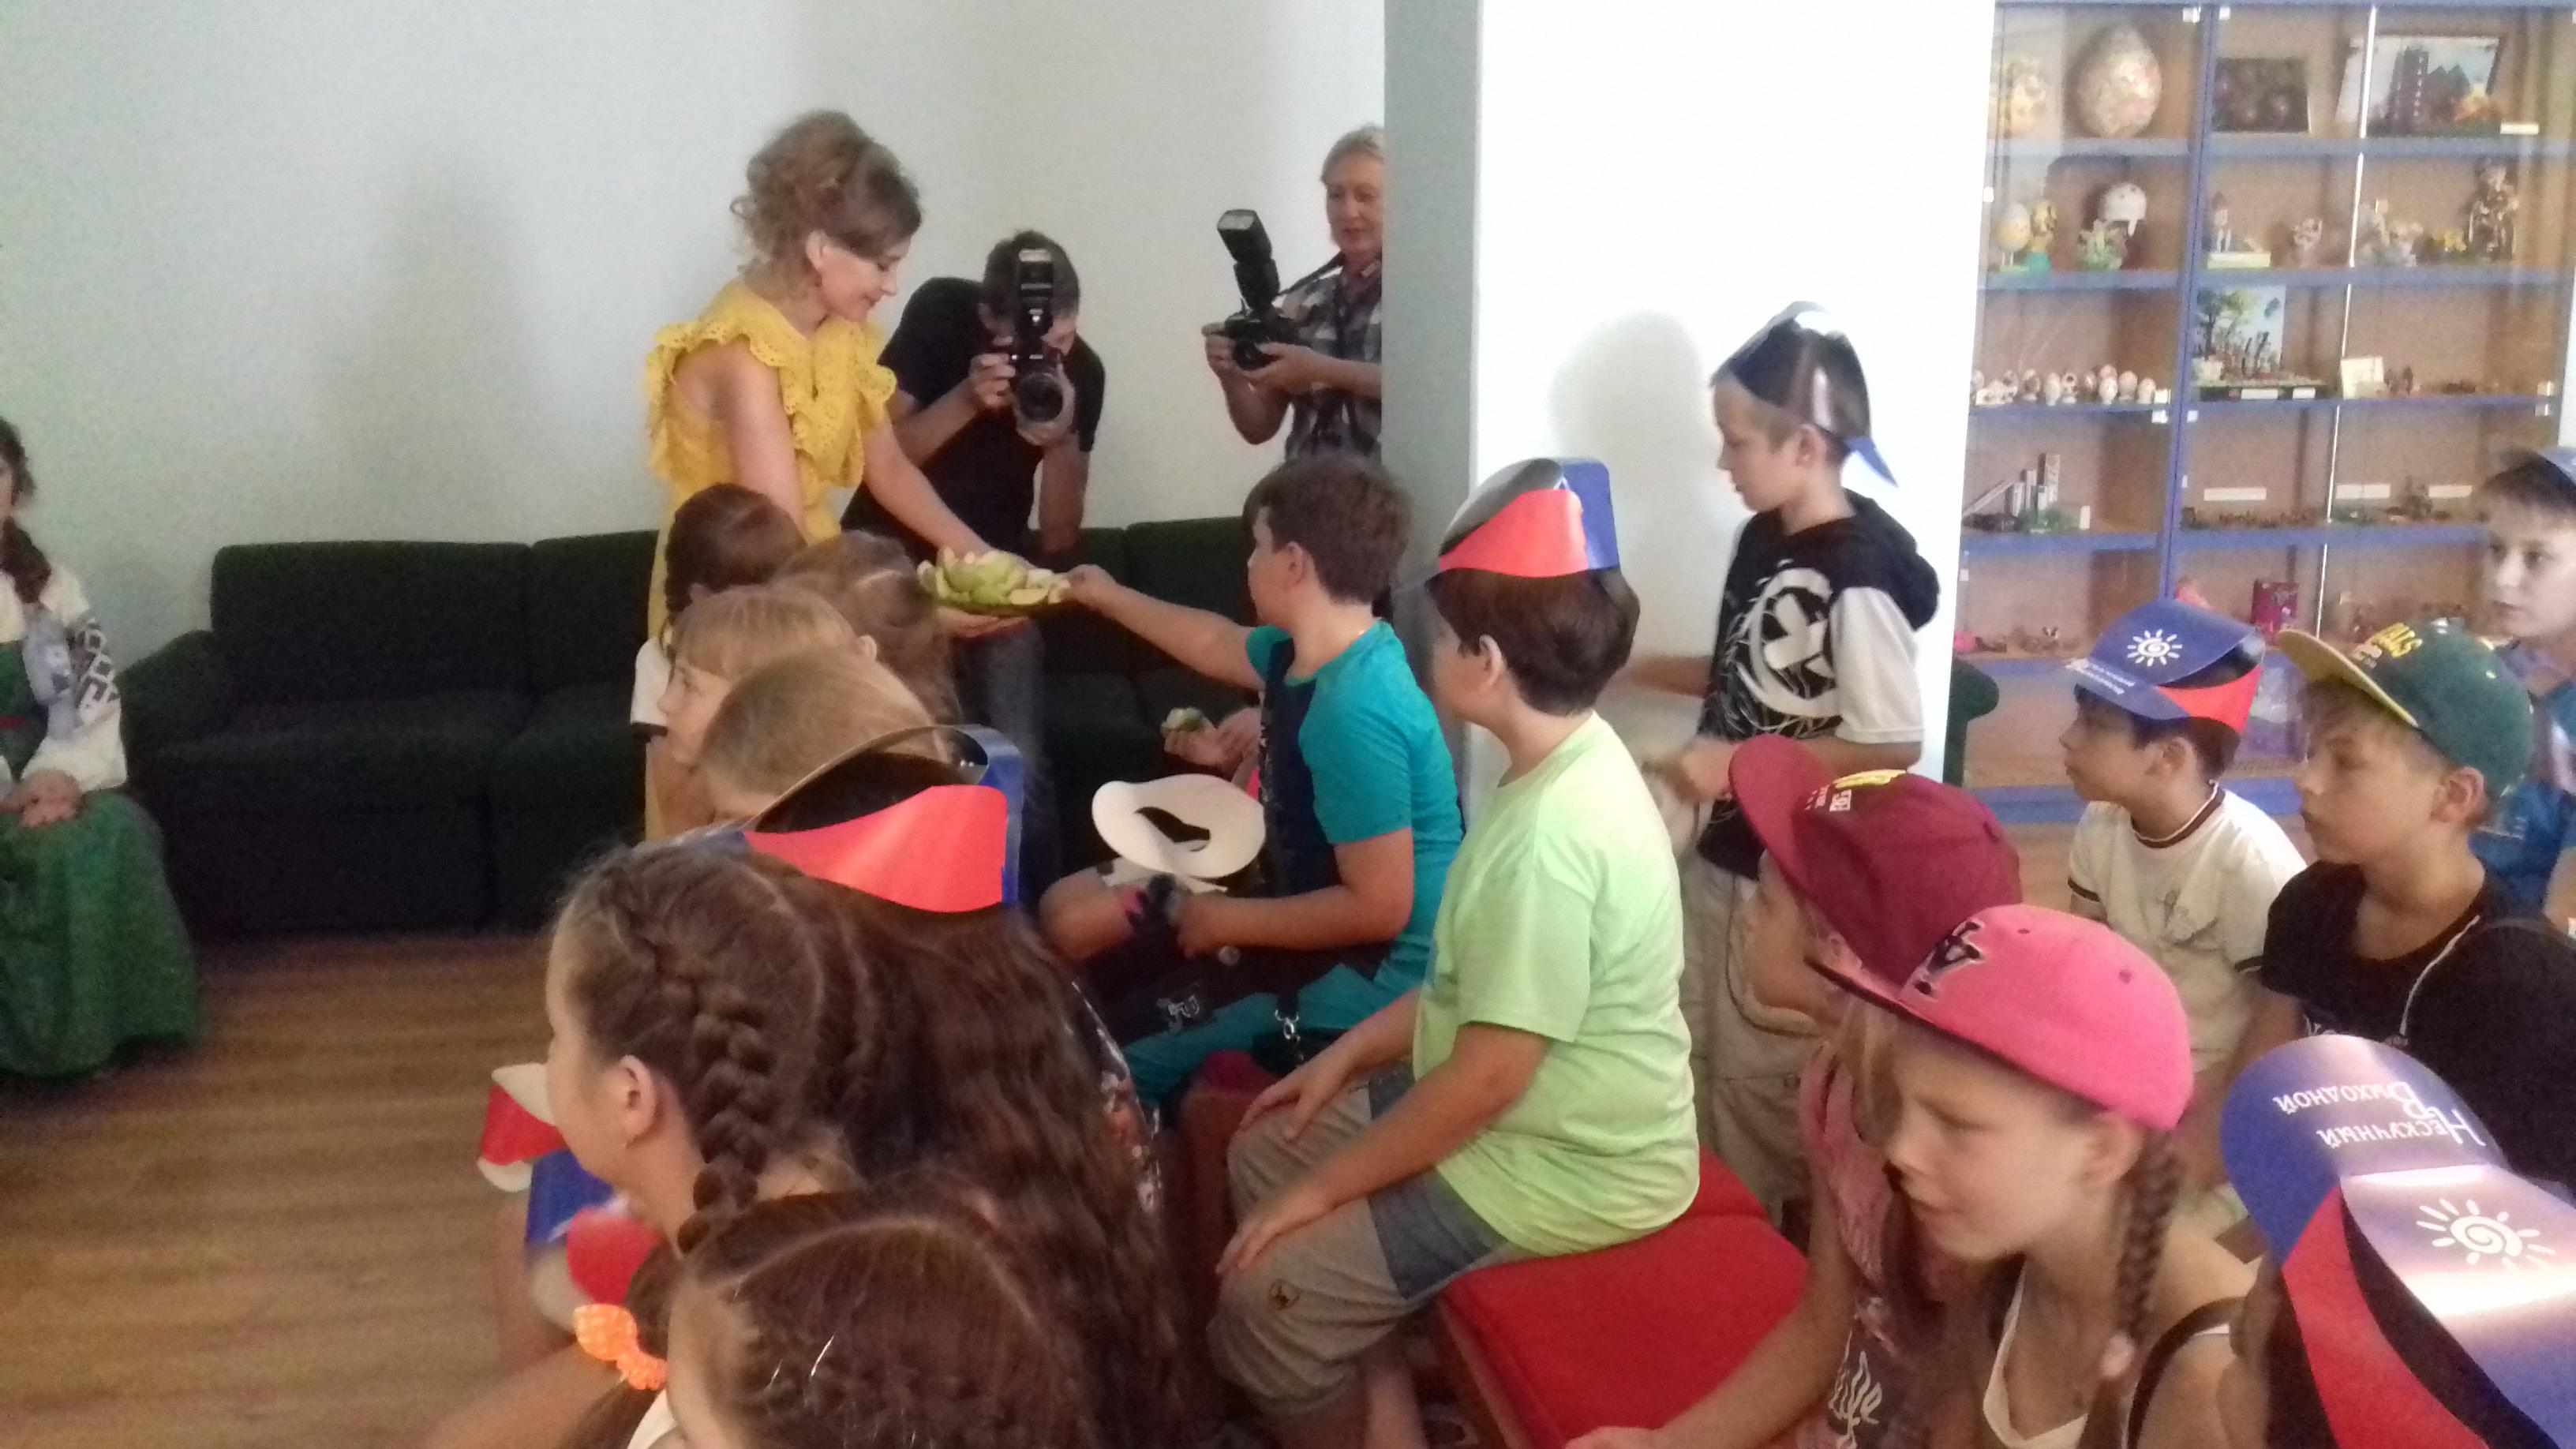 нескучный выходной, гуманитарная программа воссоединения народа донбасса, донецкая республиканская библиотека для детей, мероприятие для детей